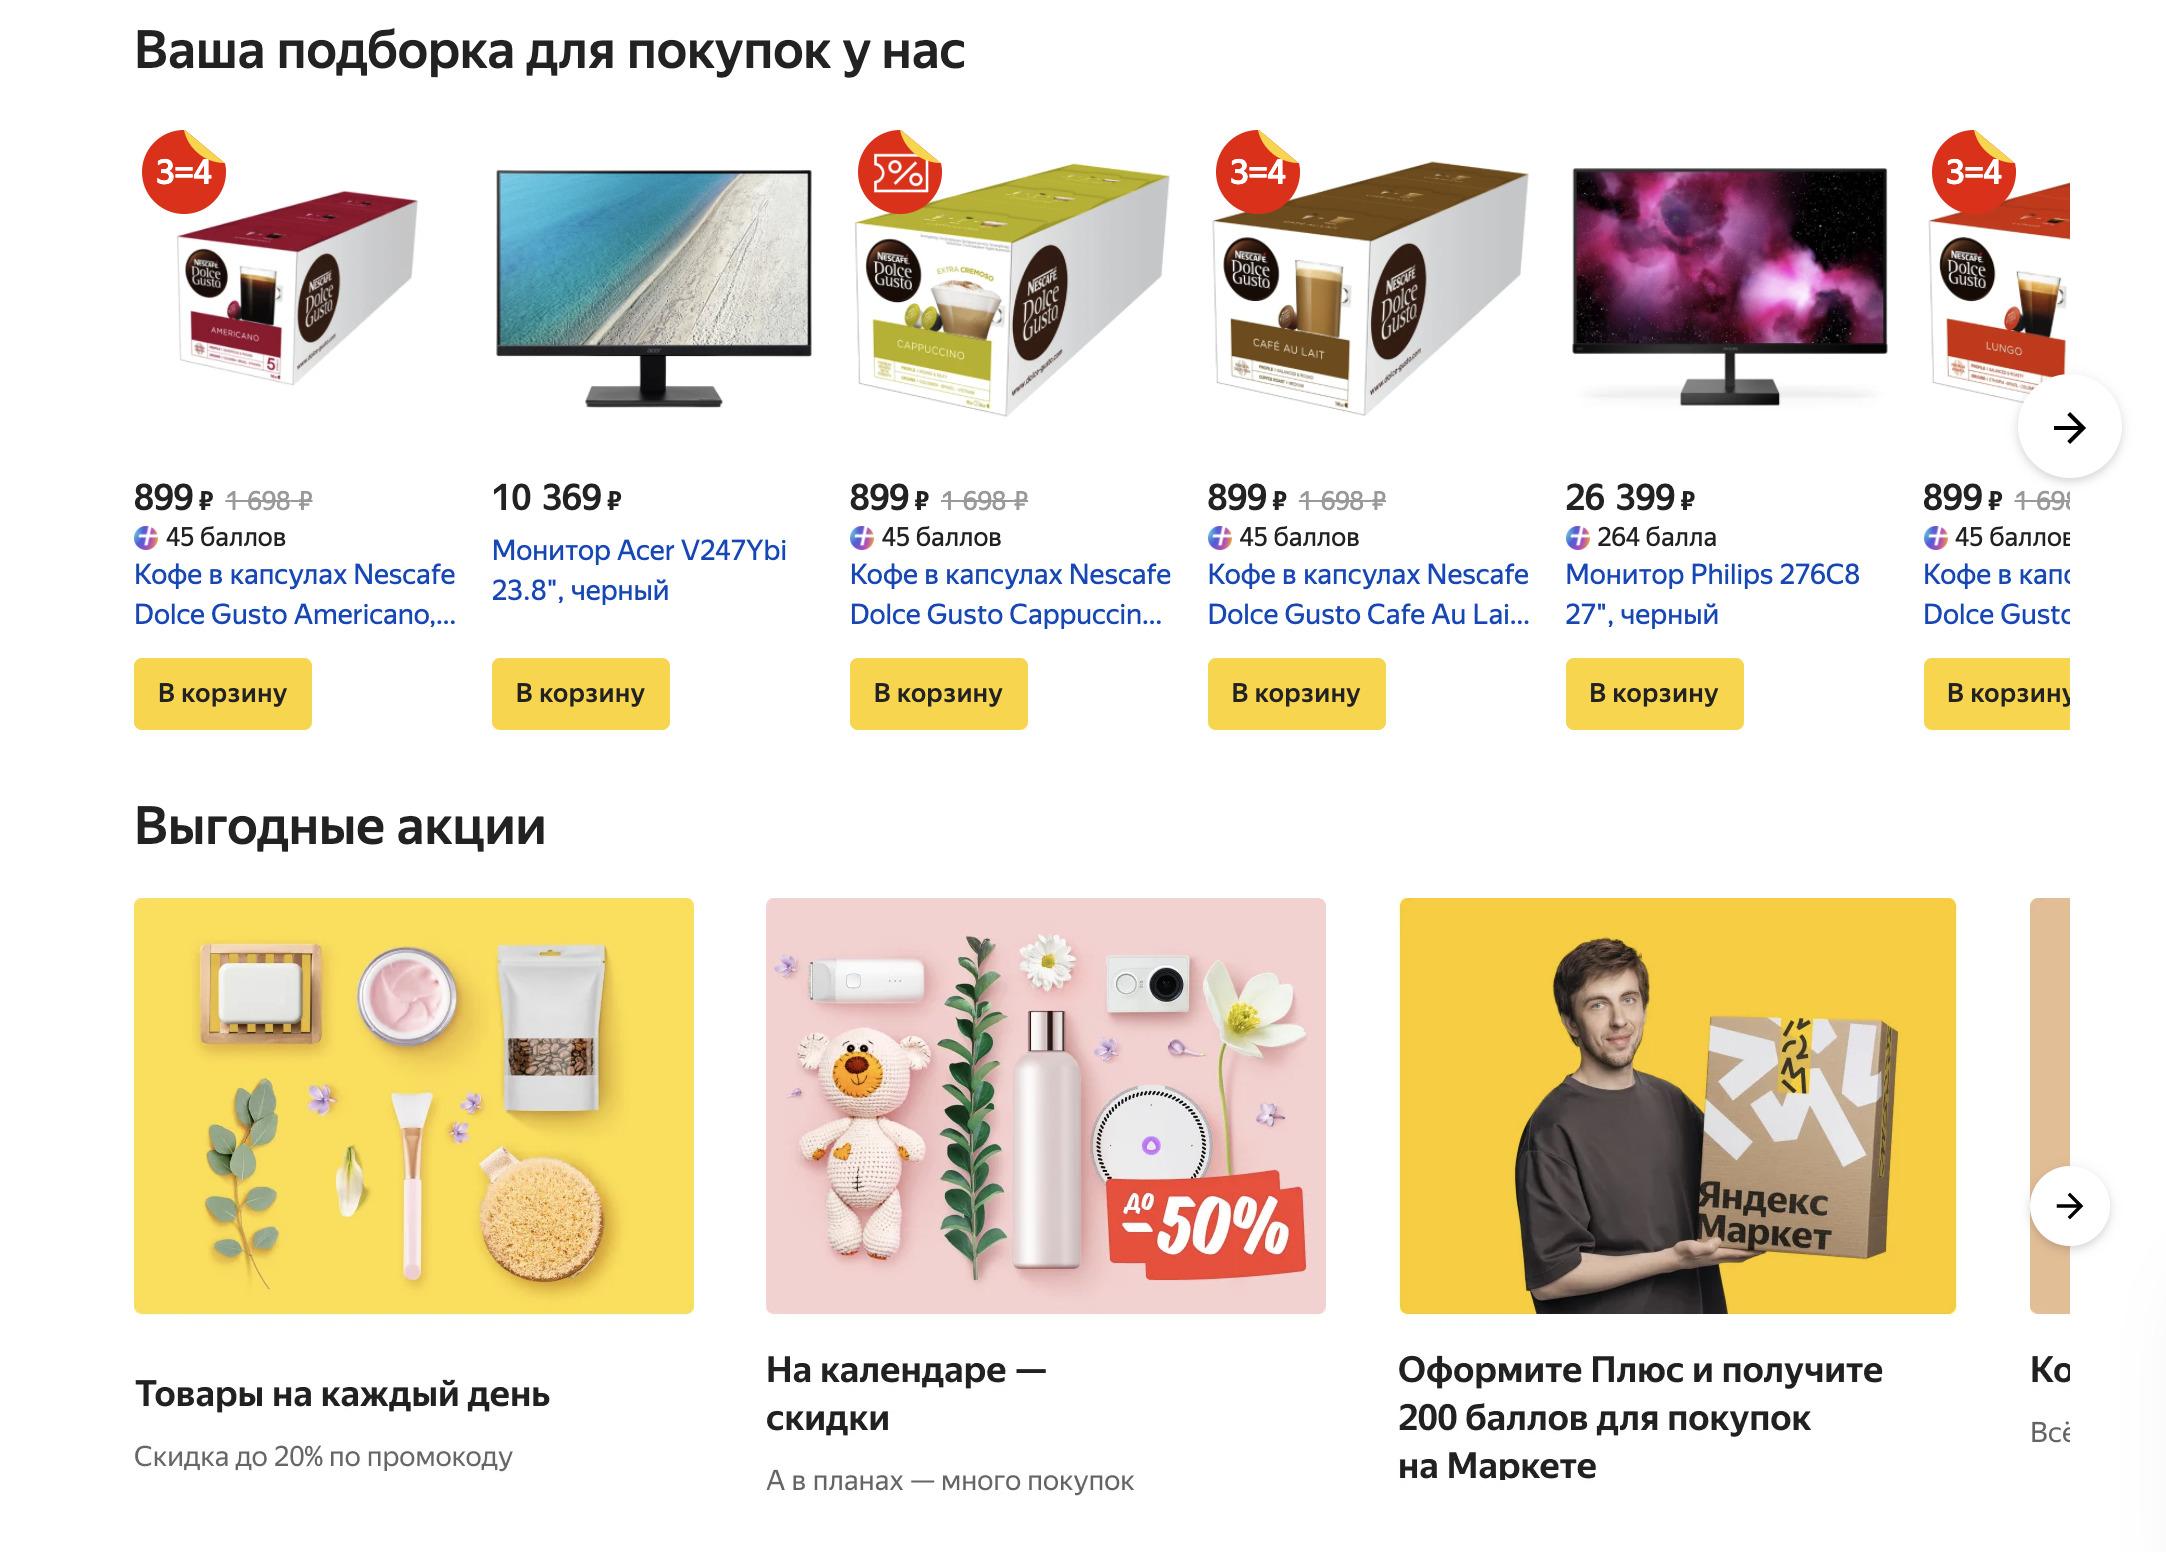 Доставка из Яндекс.Маркет в Ханты-Мансийск, сроки, пункты выдачи, каталог